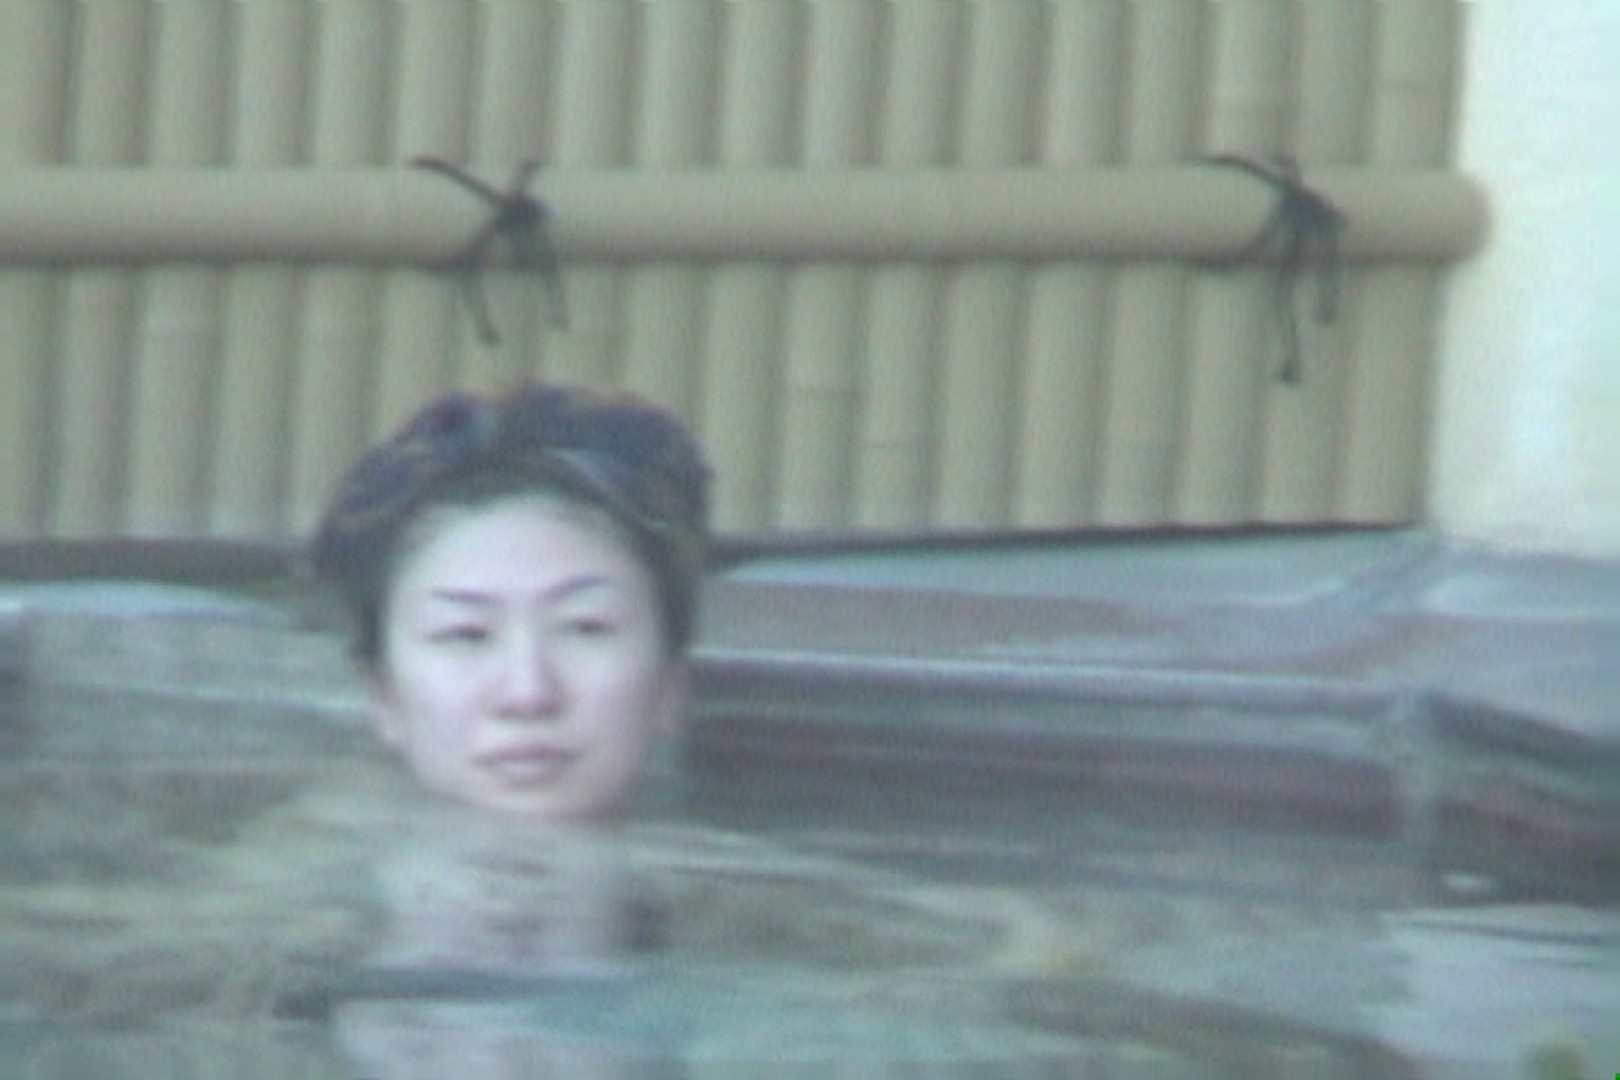 Aquaな露天風呂Vol.607 女体盗撮 | 露天  56連発 19